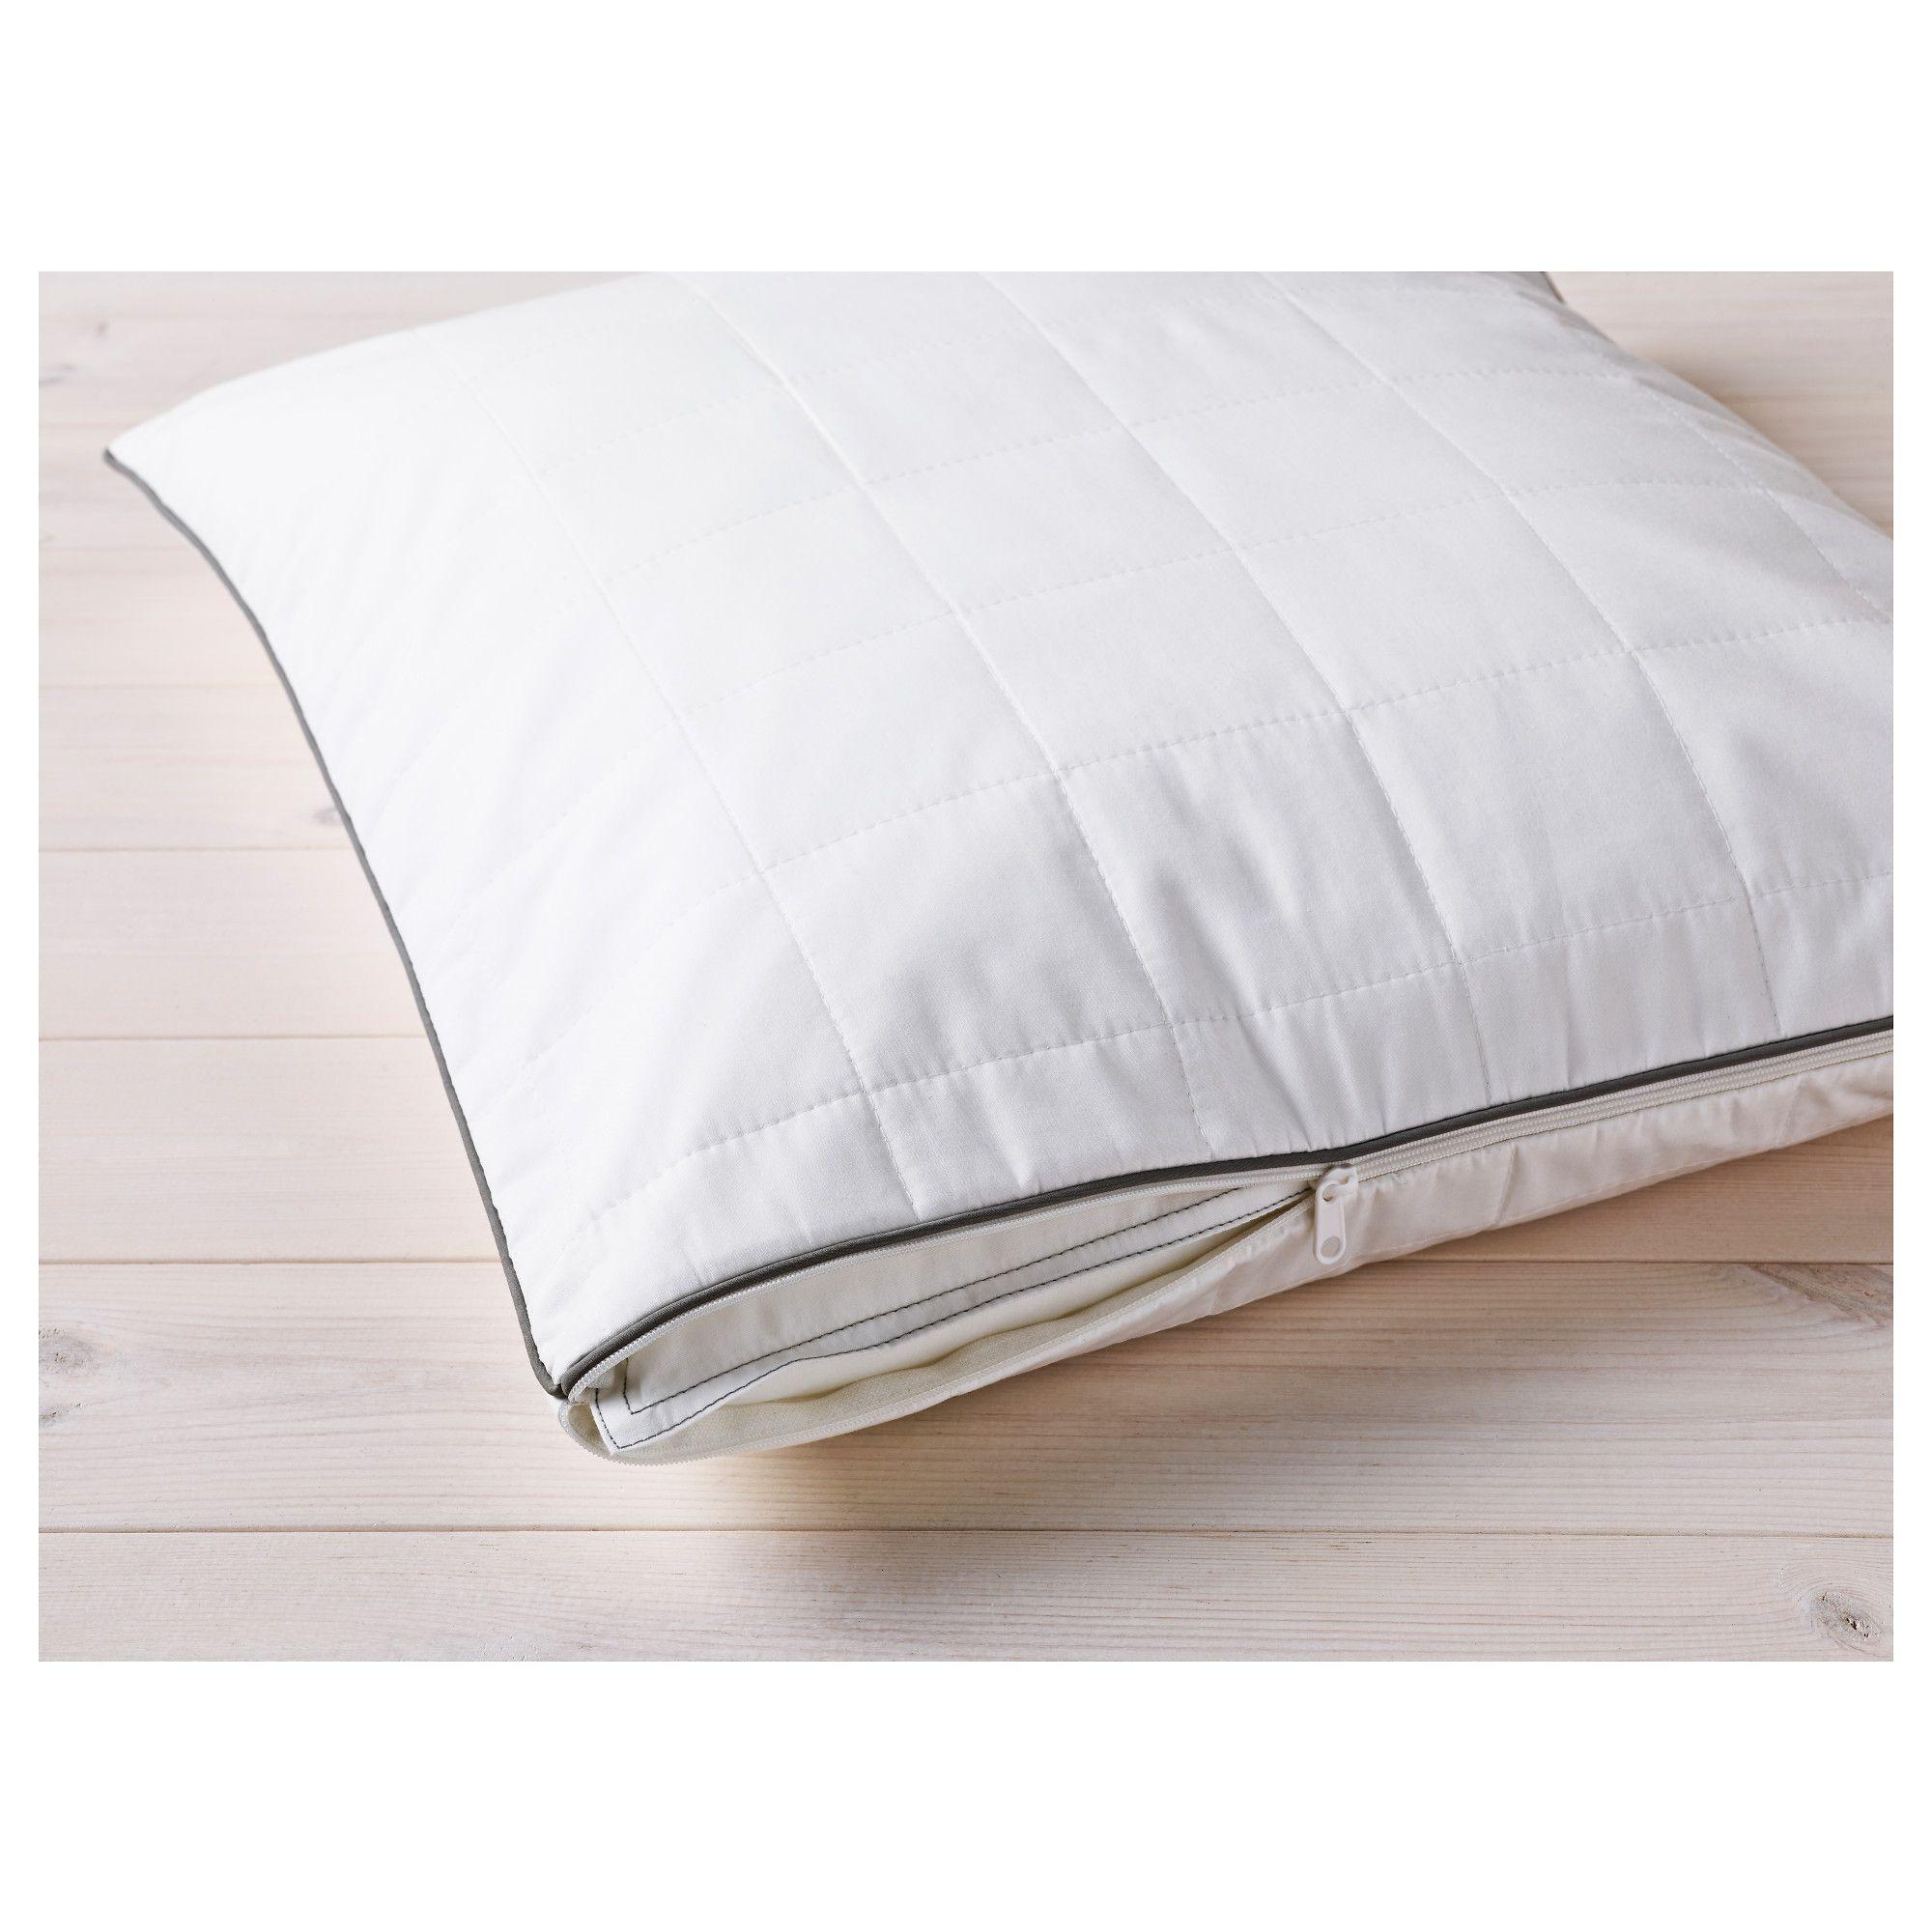 rosendun pillow protector pillow protectors pillows and mattress